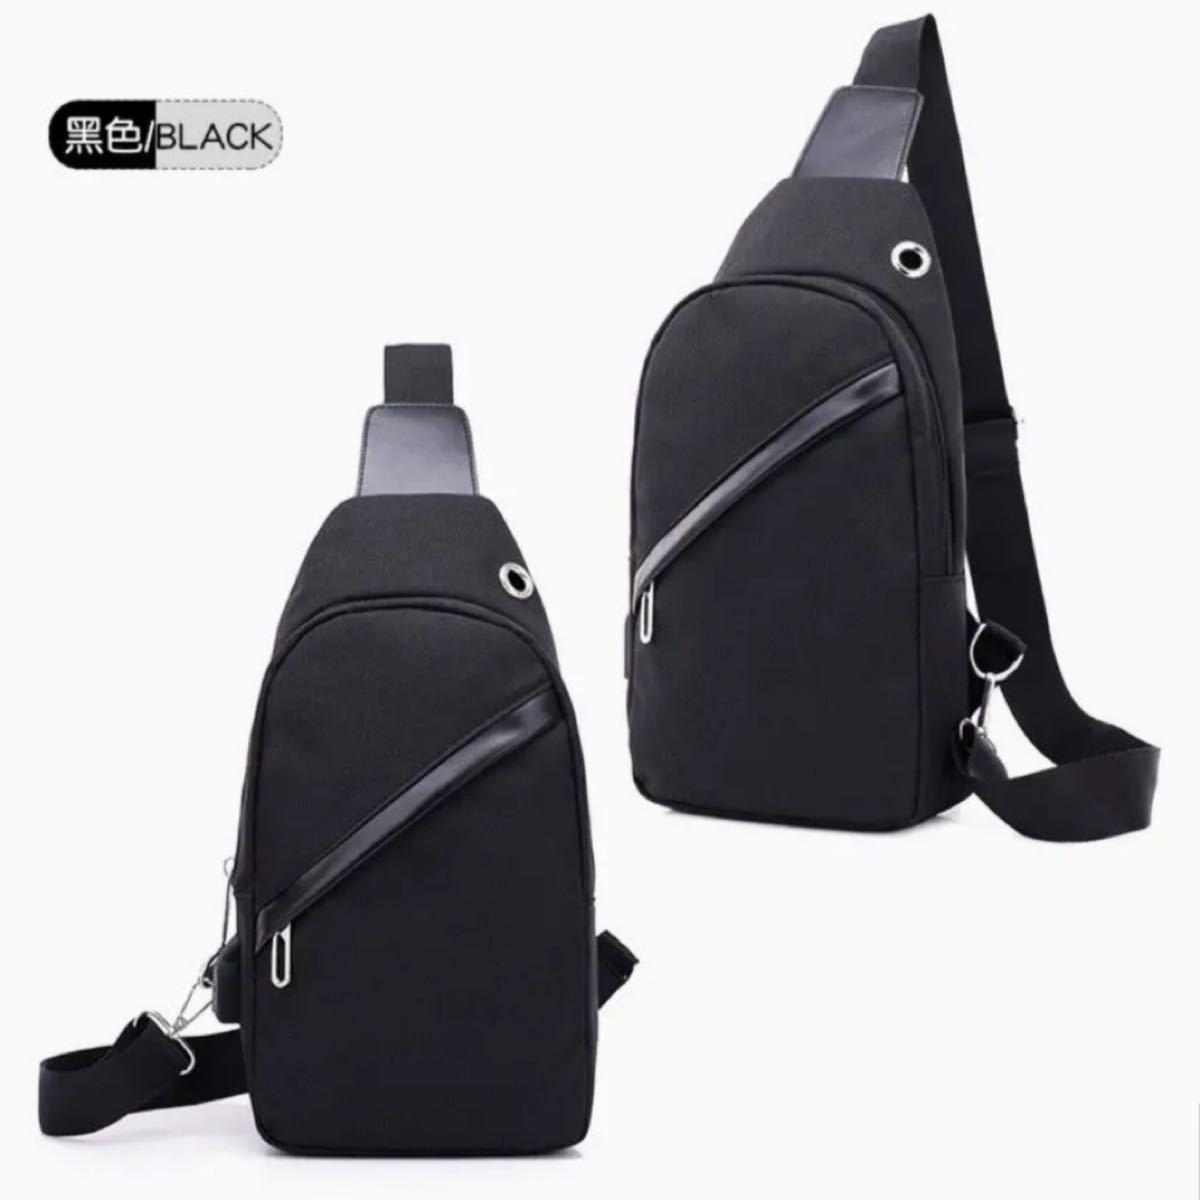 USB 充電ポート付 メンズ ボディーバッグ ショルダーバッグ 黒  ボディバッグ 斜め掛け ワンショルダー